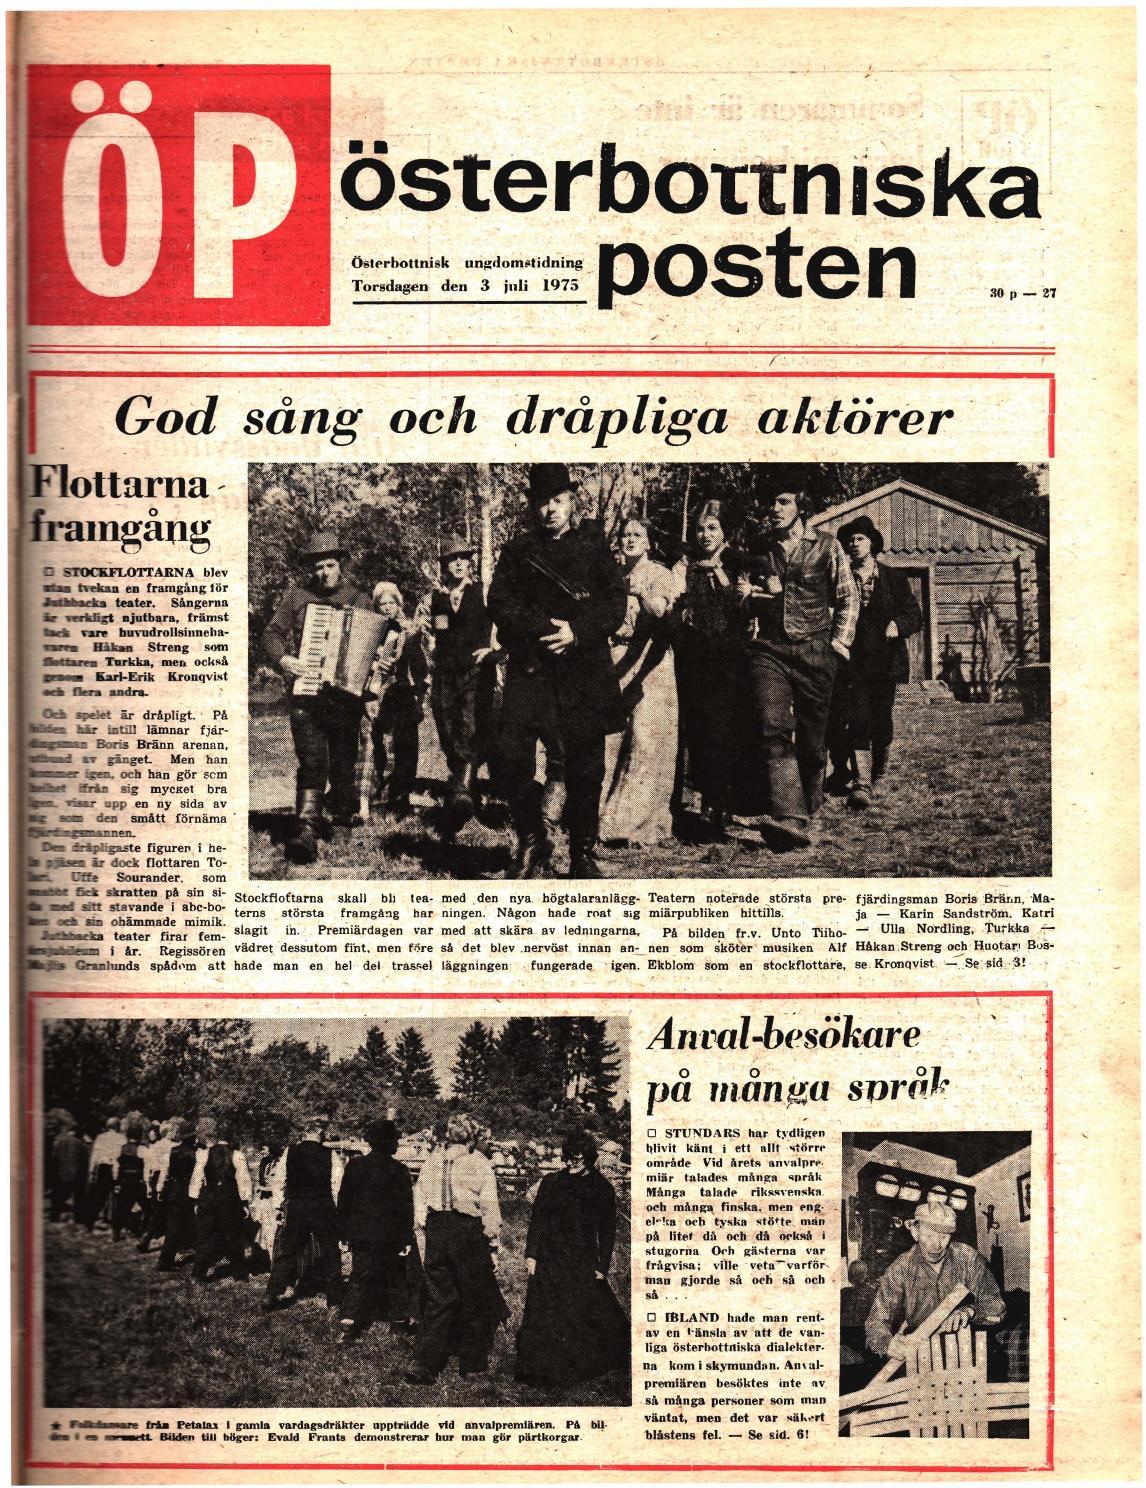 Österbottniska posten (Öp) nr. 27 1975 by Österbottniska posten ...